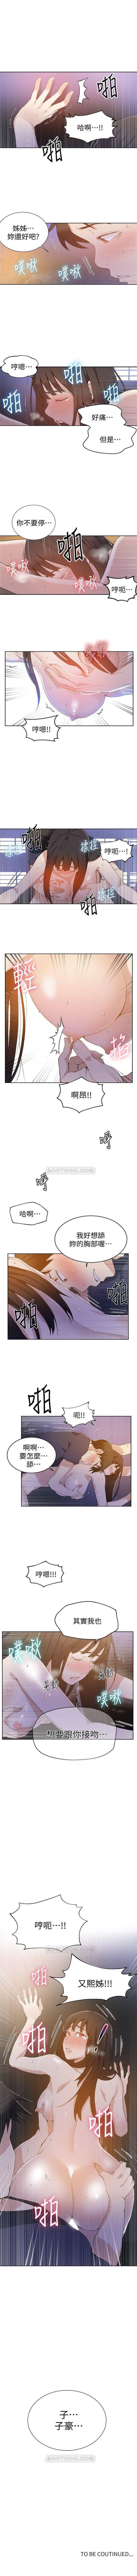 秘密教學  1-69 官方中文(連載中) 186